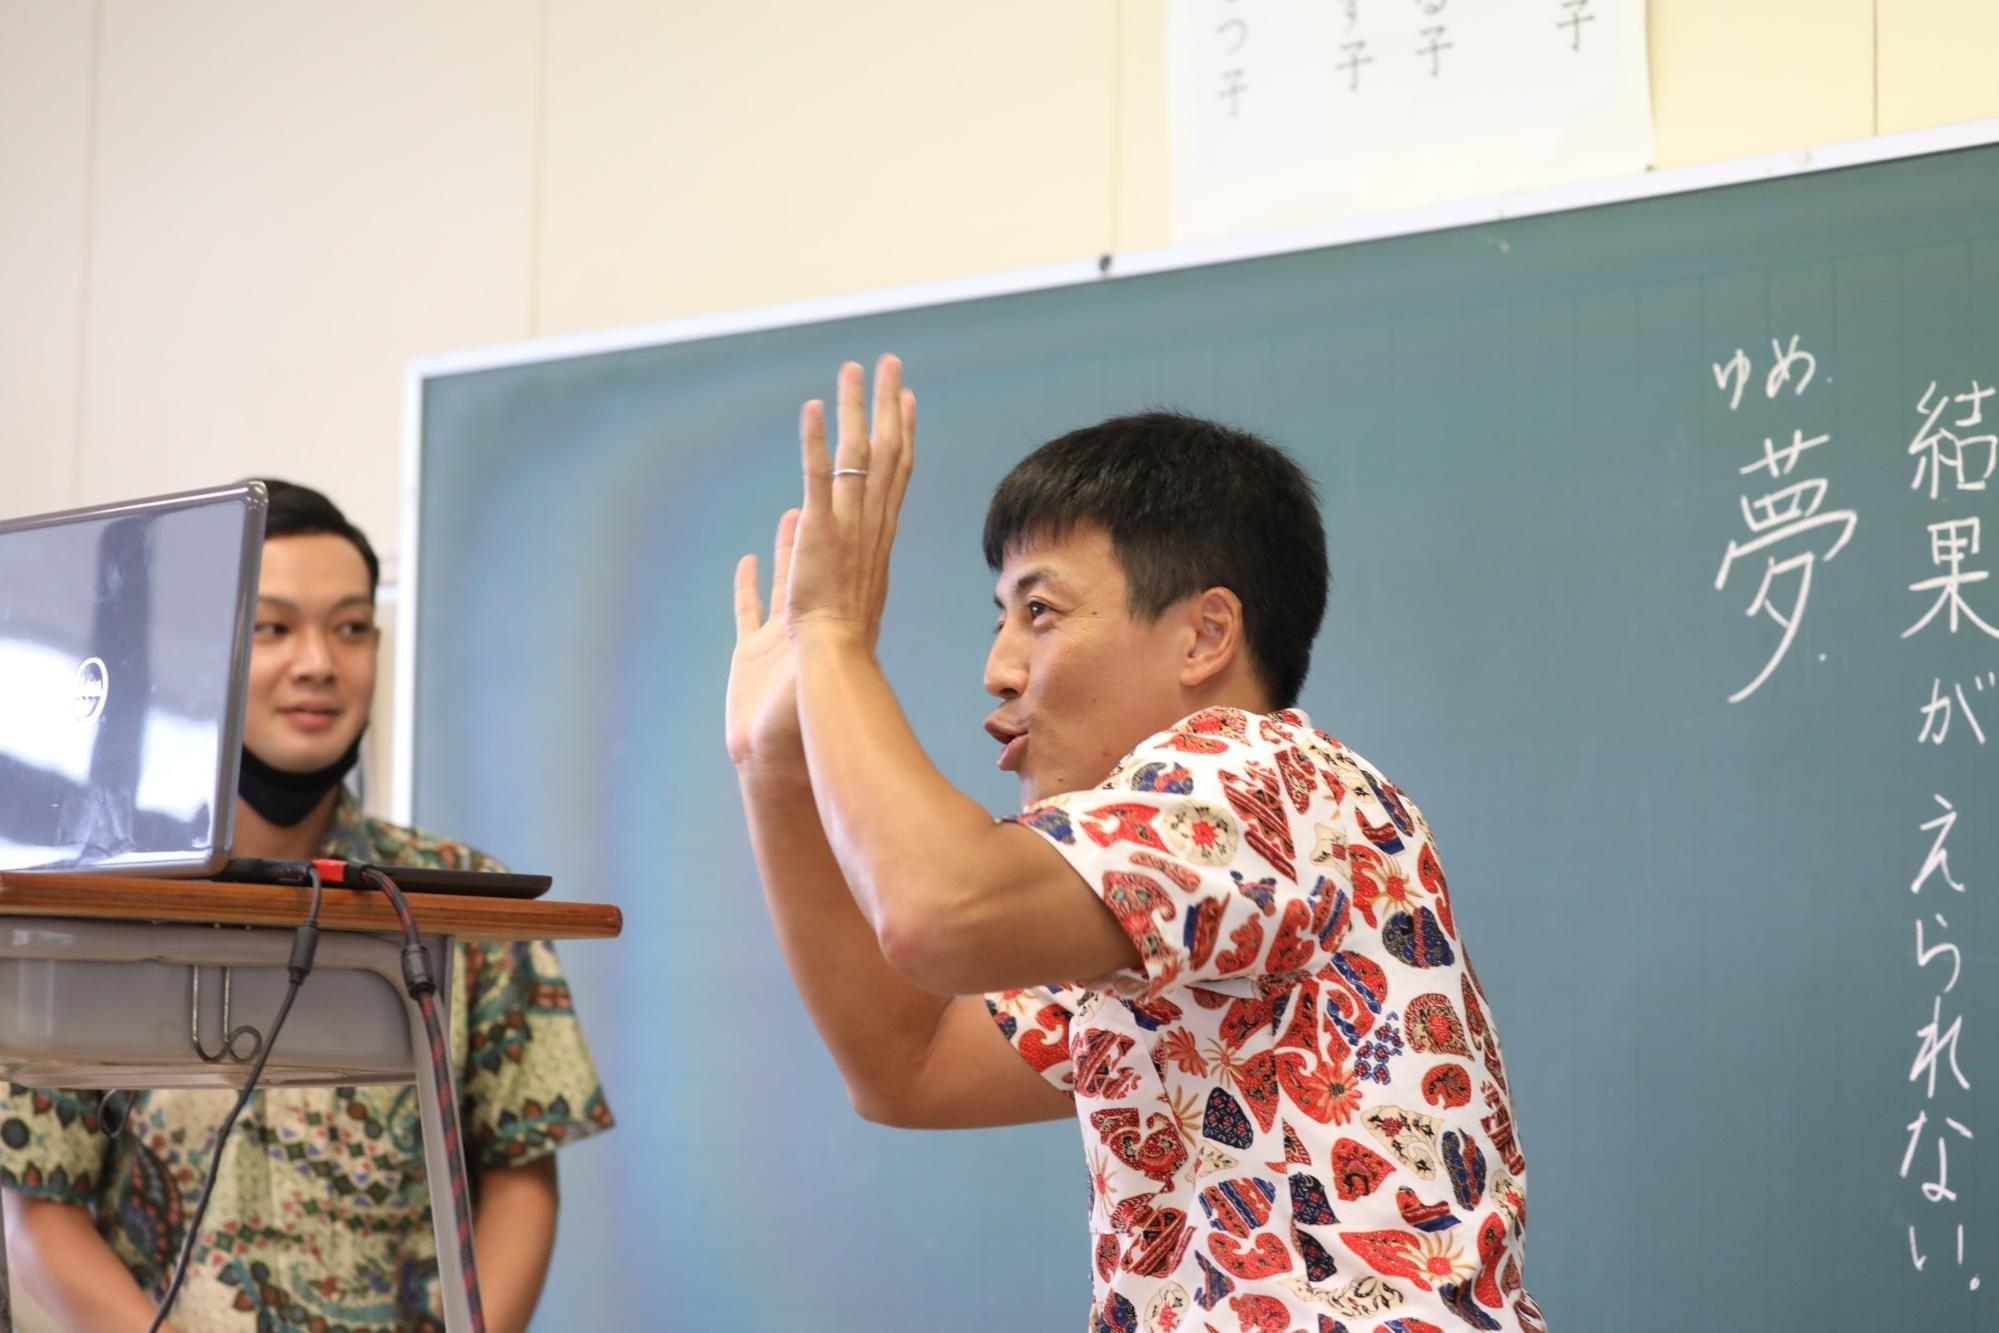 両手を上げながら笑顔でオンライン授業のカメラ前に現れた北岡良仁教諭。朝日新聞ジャカルタ支局の野上英文記者が2021年3月、南タンゲラン市で撮影。